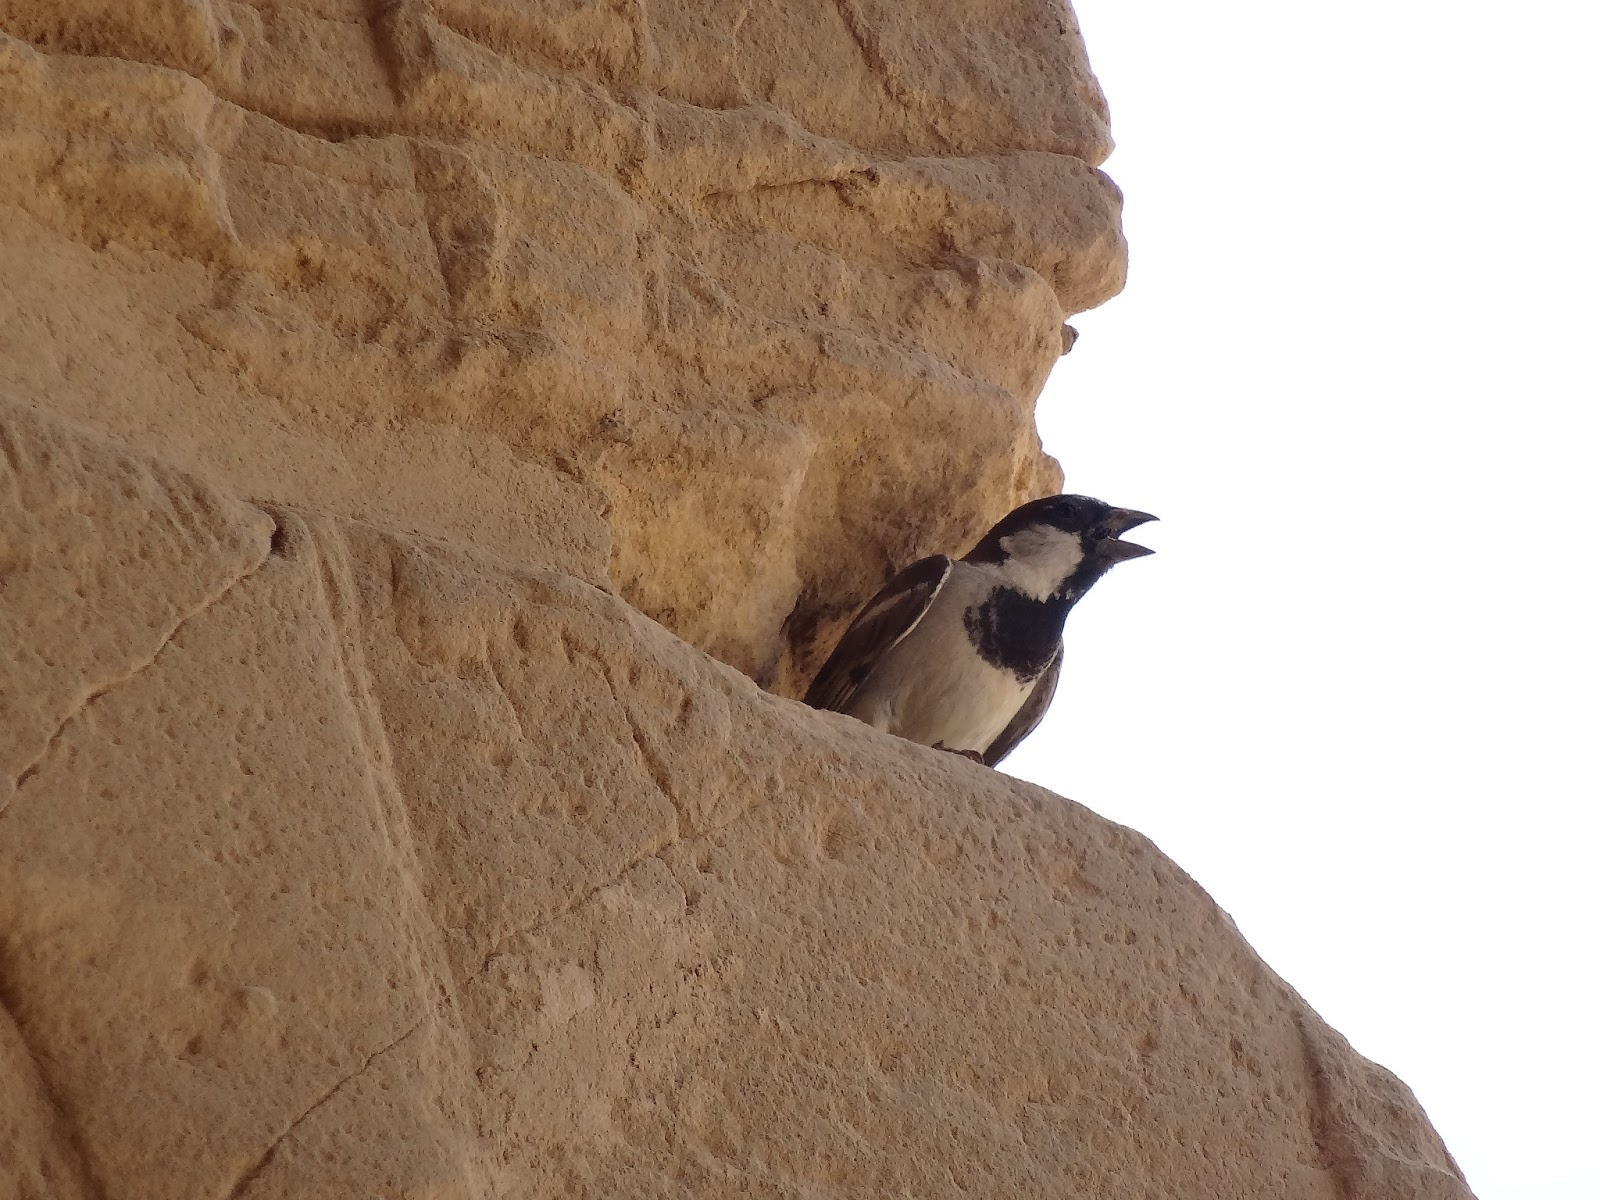 エジプトにいた鳥(つばめ?)